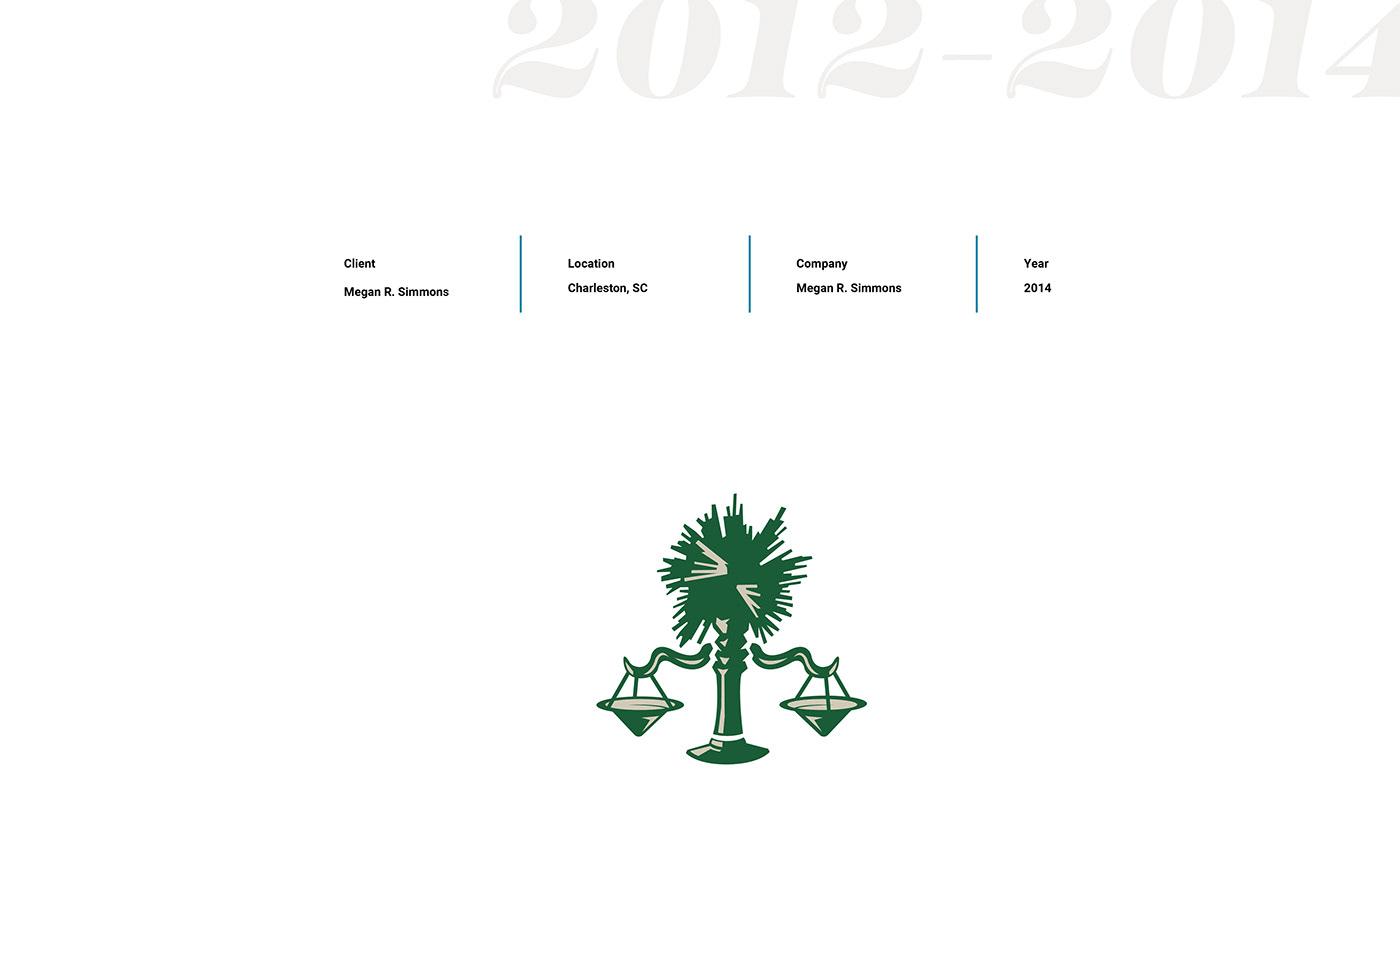 logo brand identity mark symbols branding  Logotype